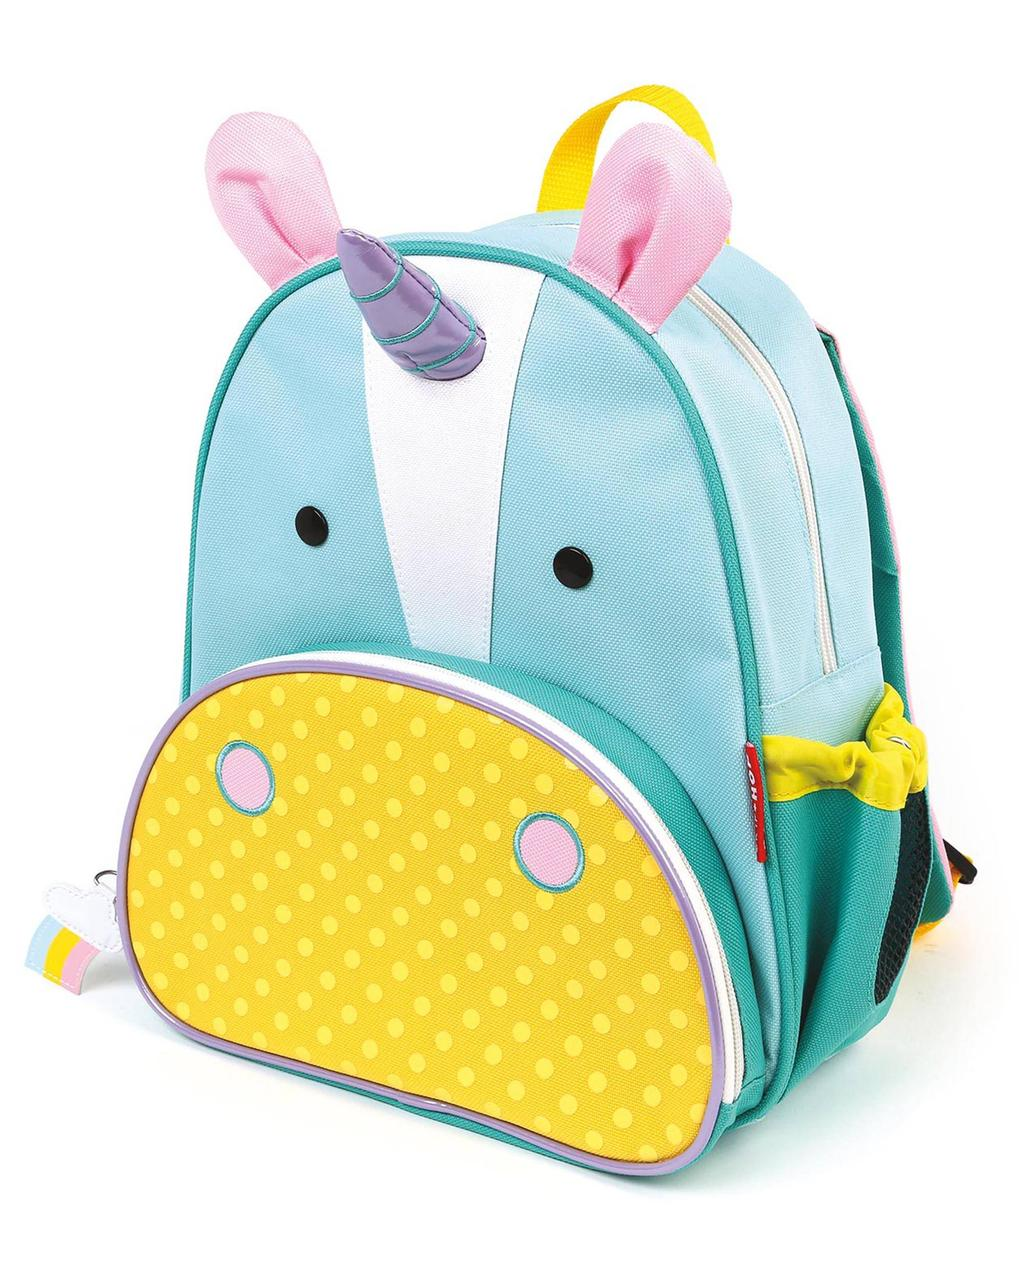 Детский рюкзак Skip Hop Zoo Pack (Zoo Little Kid Backpack) - Unicorn (Единорог), 3+